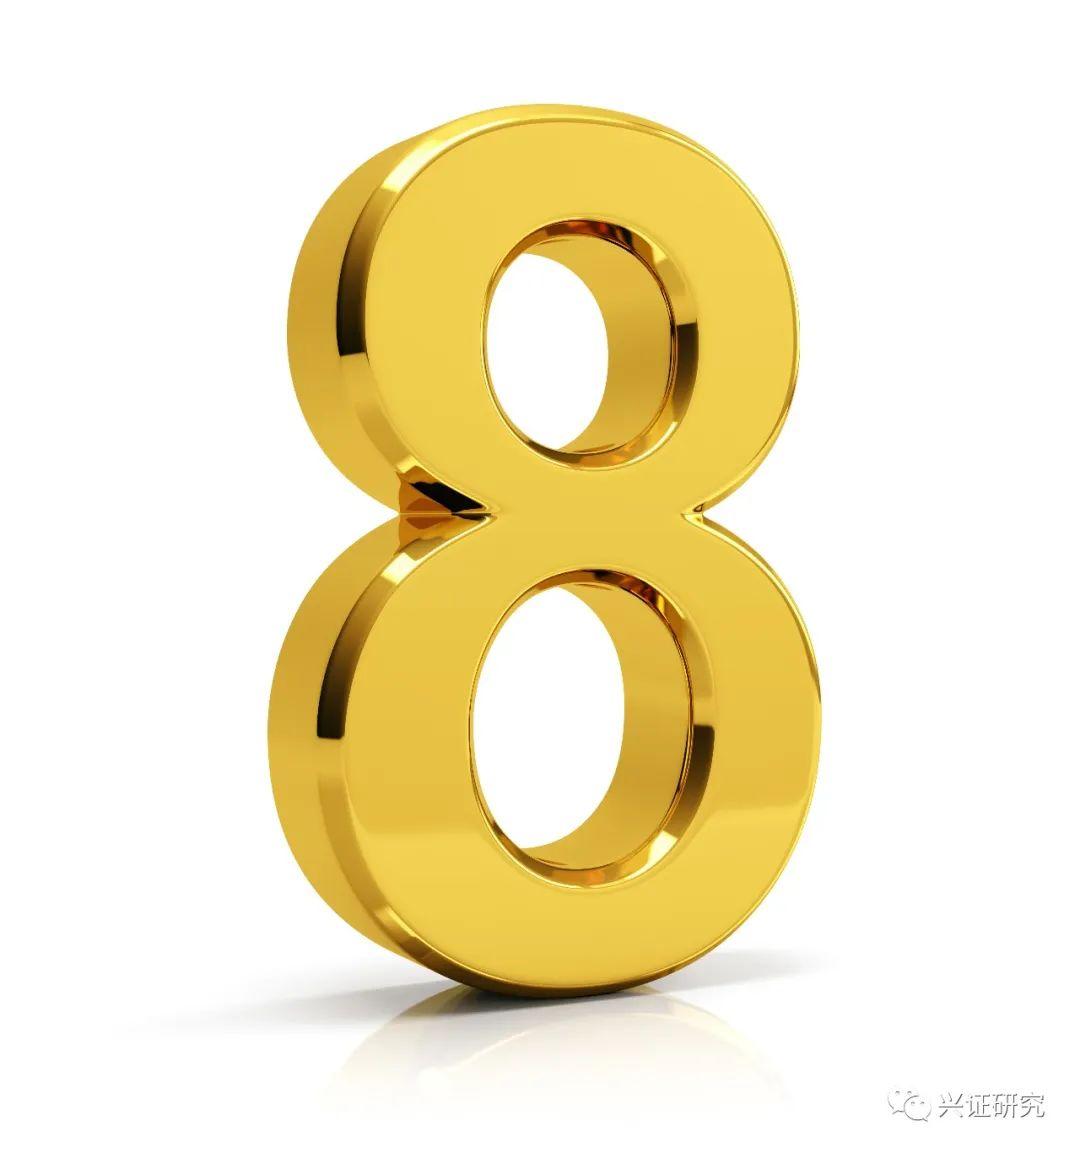 【金工于明明徐寅】水晶球上证50每日预测20210609